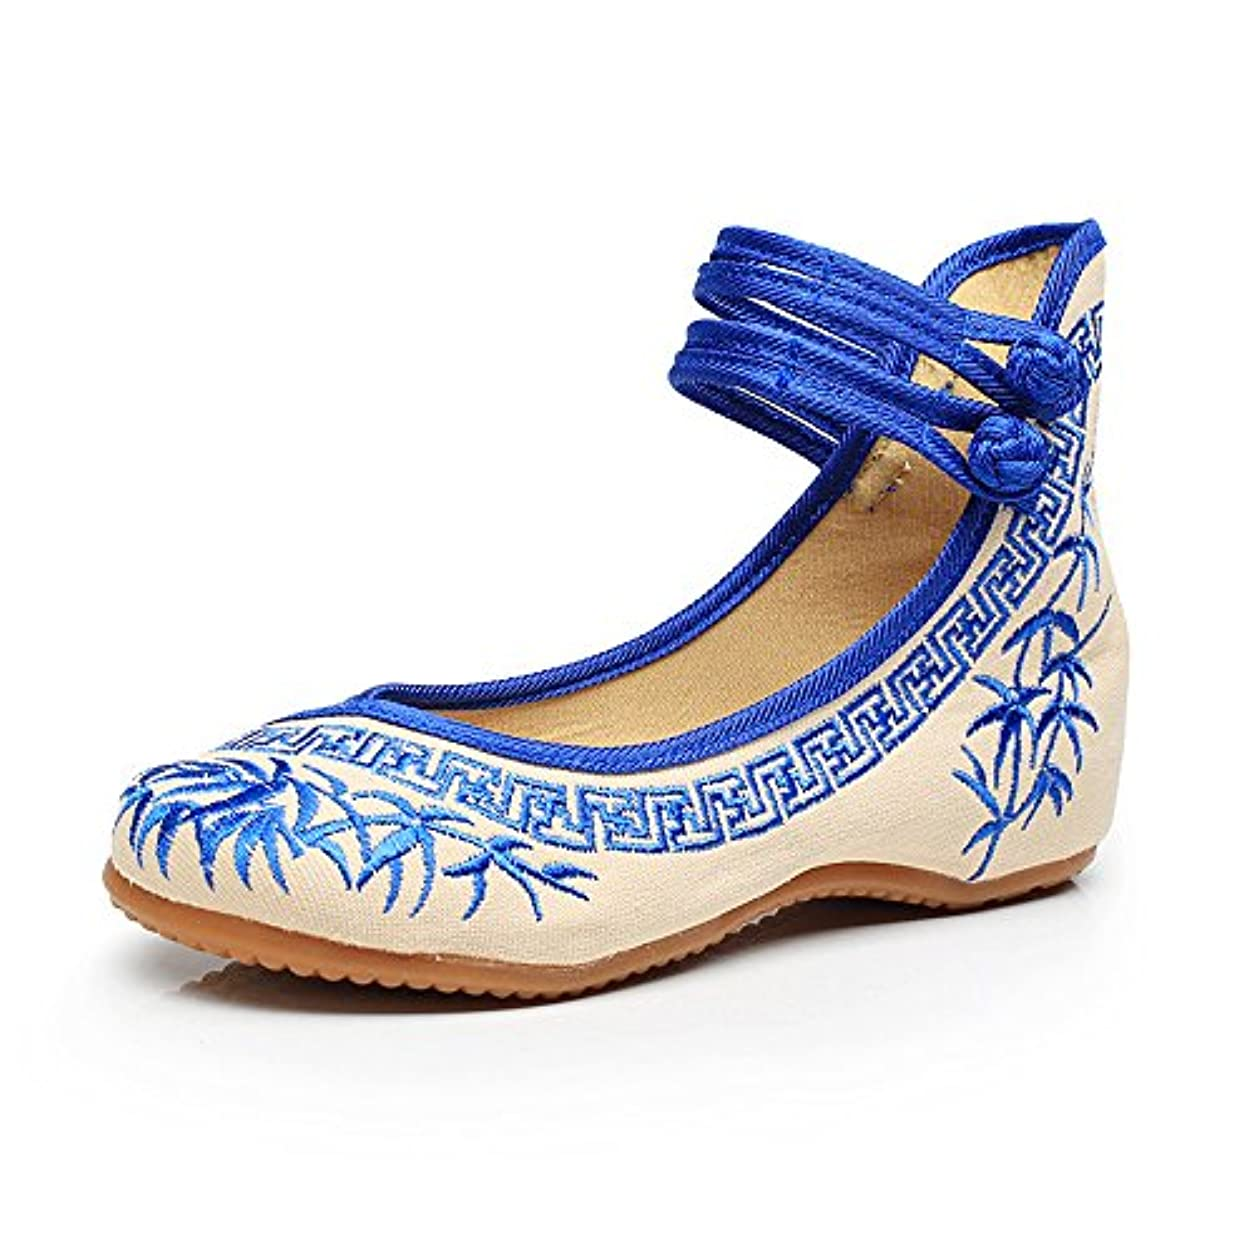 あさり雇用者沈黙[Fanwer] 竹刺繍女性の靴中国のカジュアルなフラットソールメアリーJanes靴